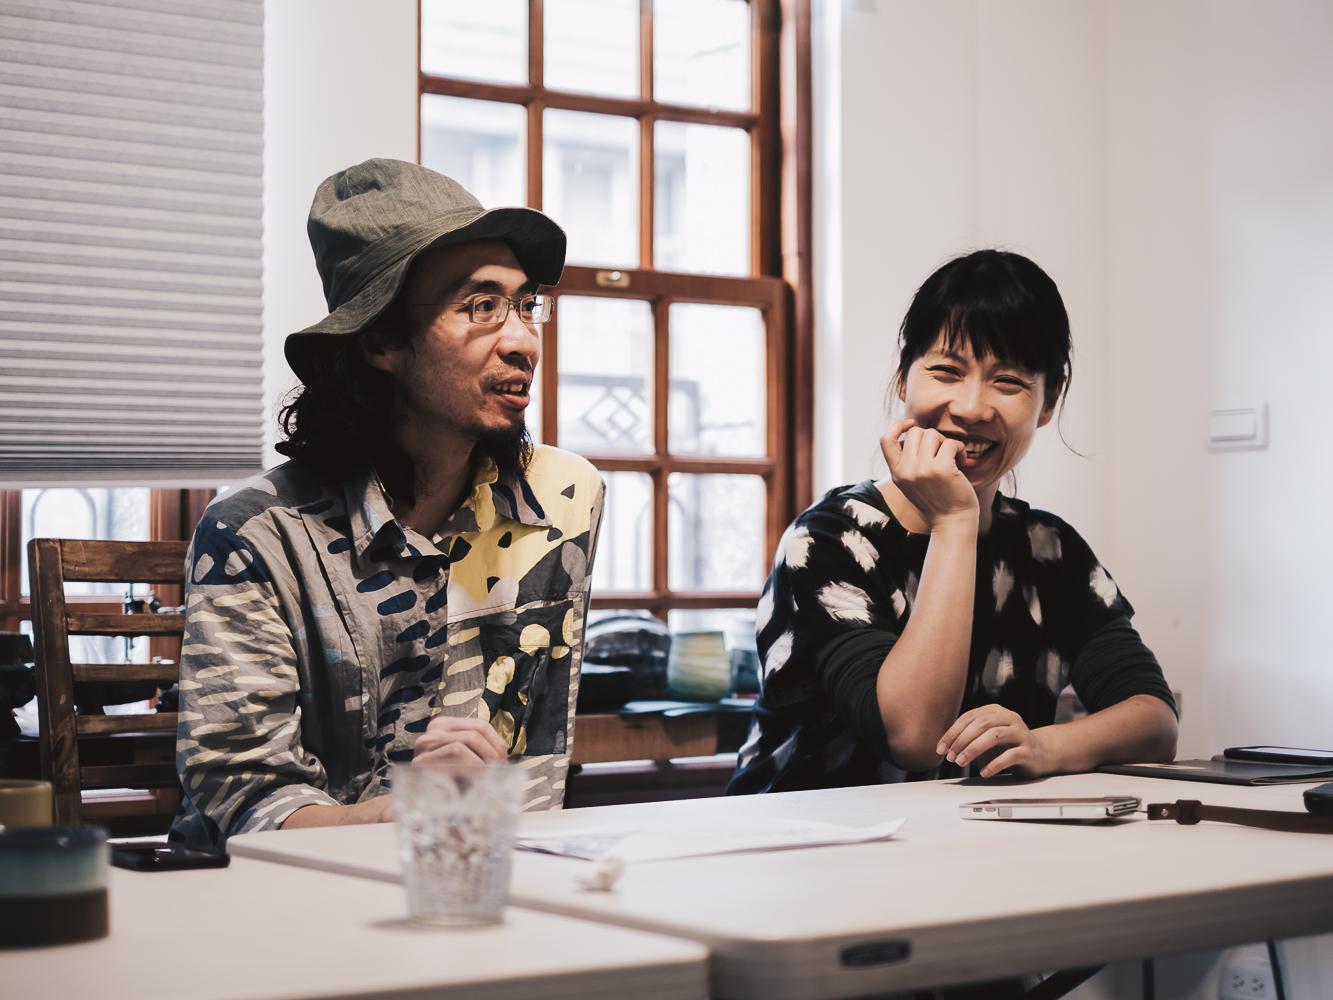 繭裹子 TWINE Green & Fair Trade Interview - FUJIFilm XT33514 - Yes! Please Enjoy by Fanning Tseng-9.jpg